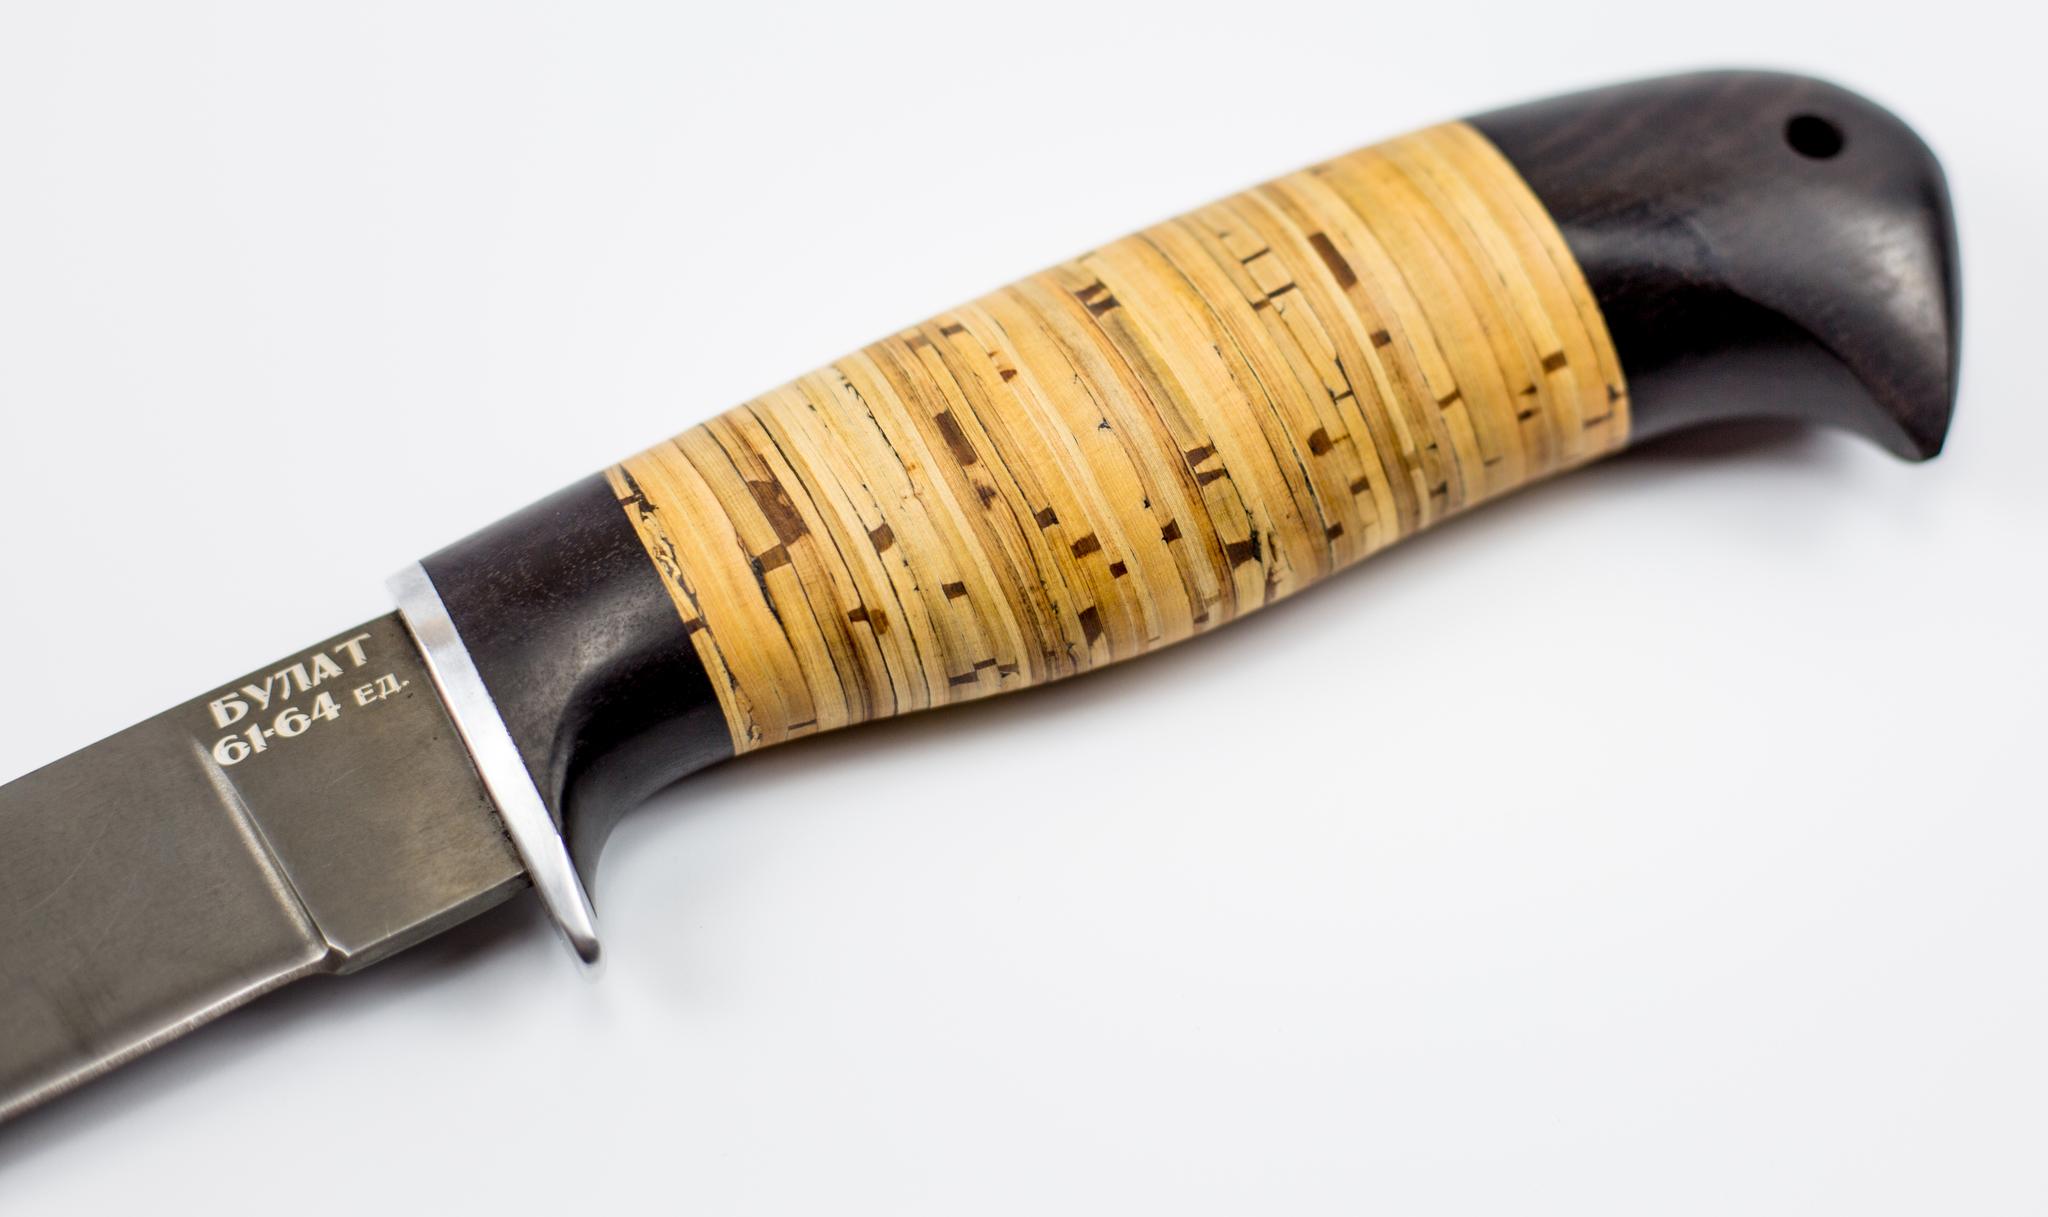 Фото 4 - Нож Белка, булат от Кузница Коваль